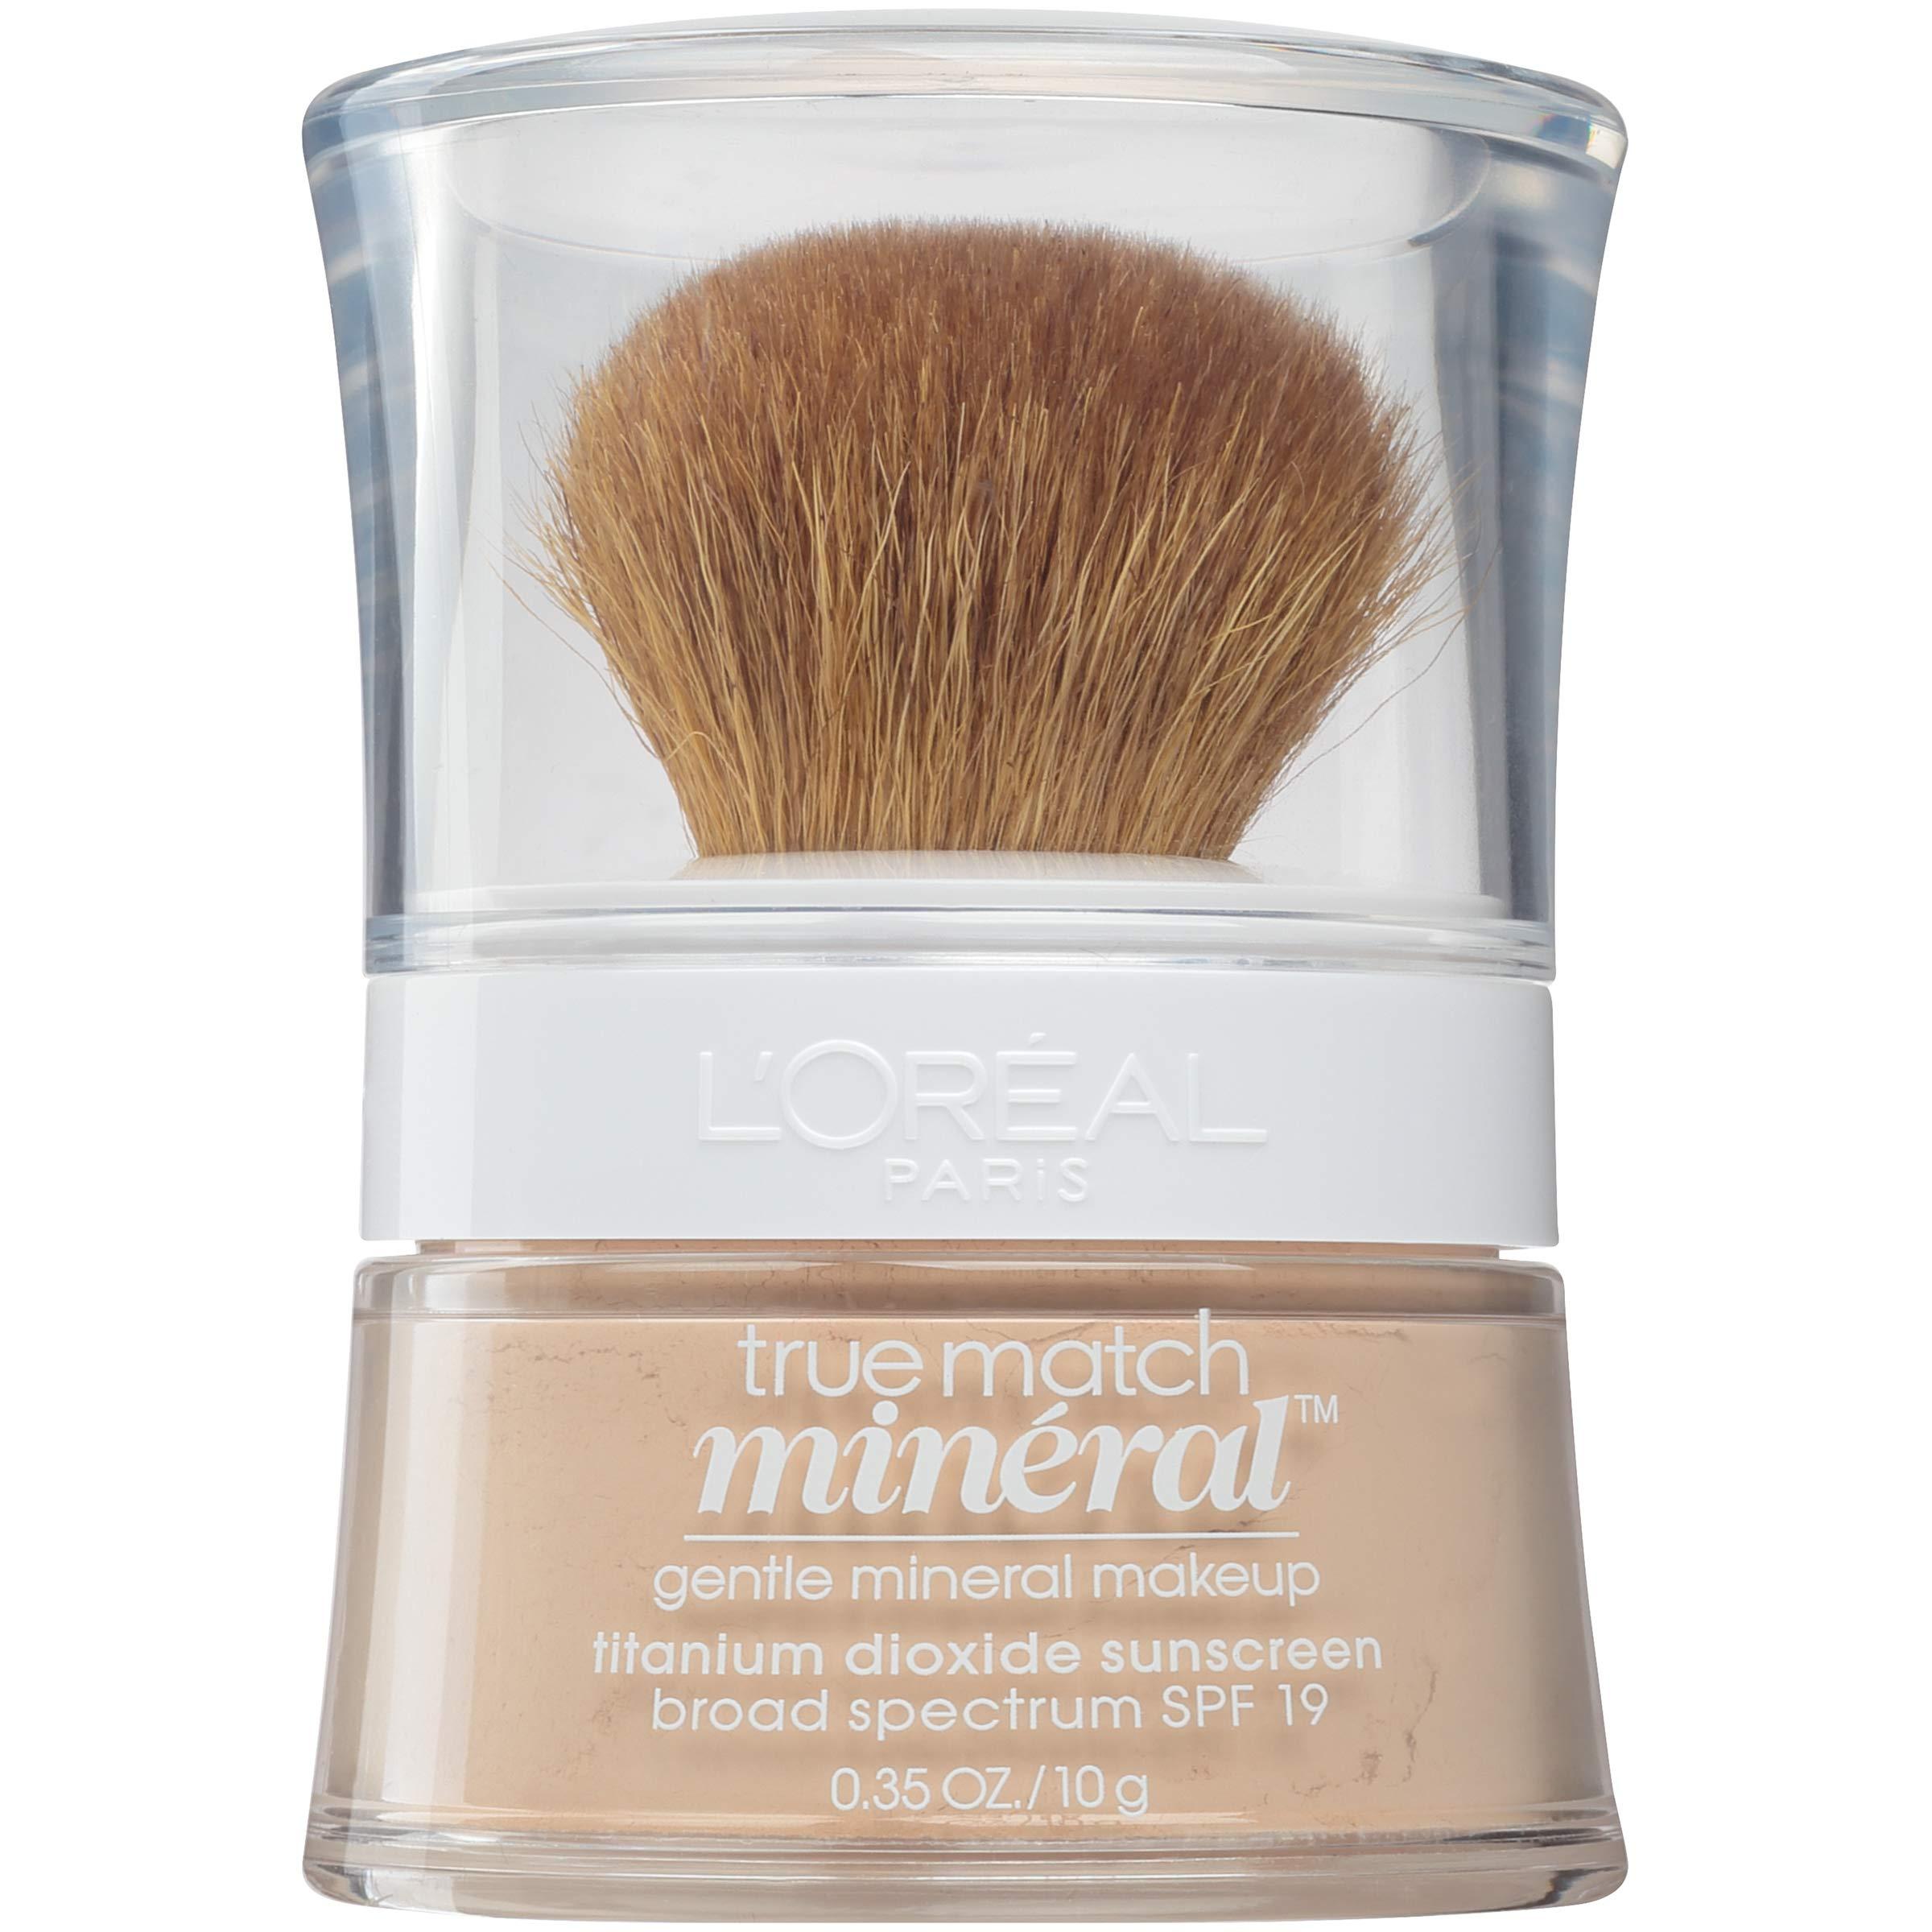 L'Oréal Paris True Match Mineral Loose Powder Foundation Light Ivory, 0.35 Ounce by L'Oréal Paris